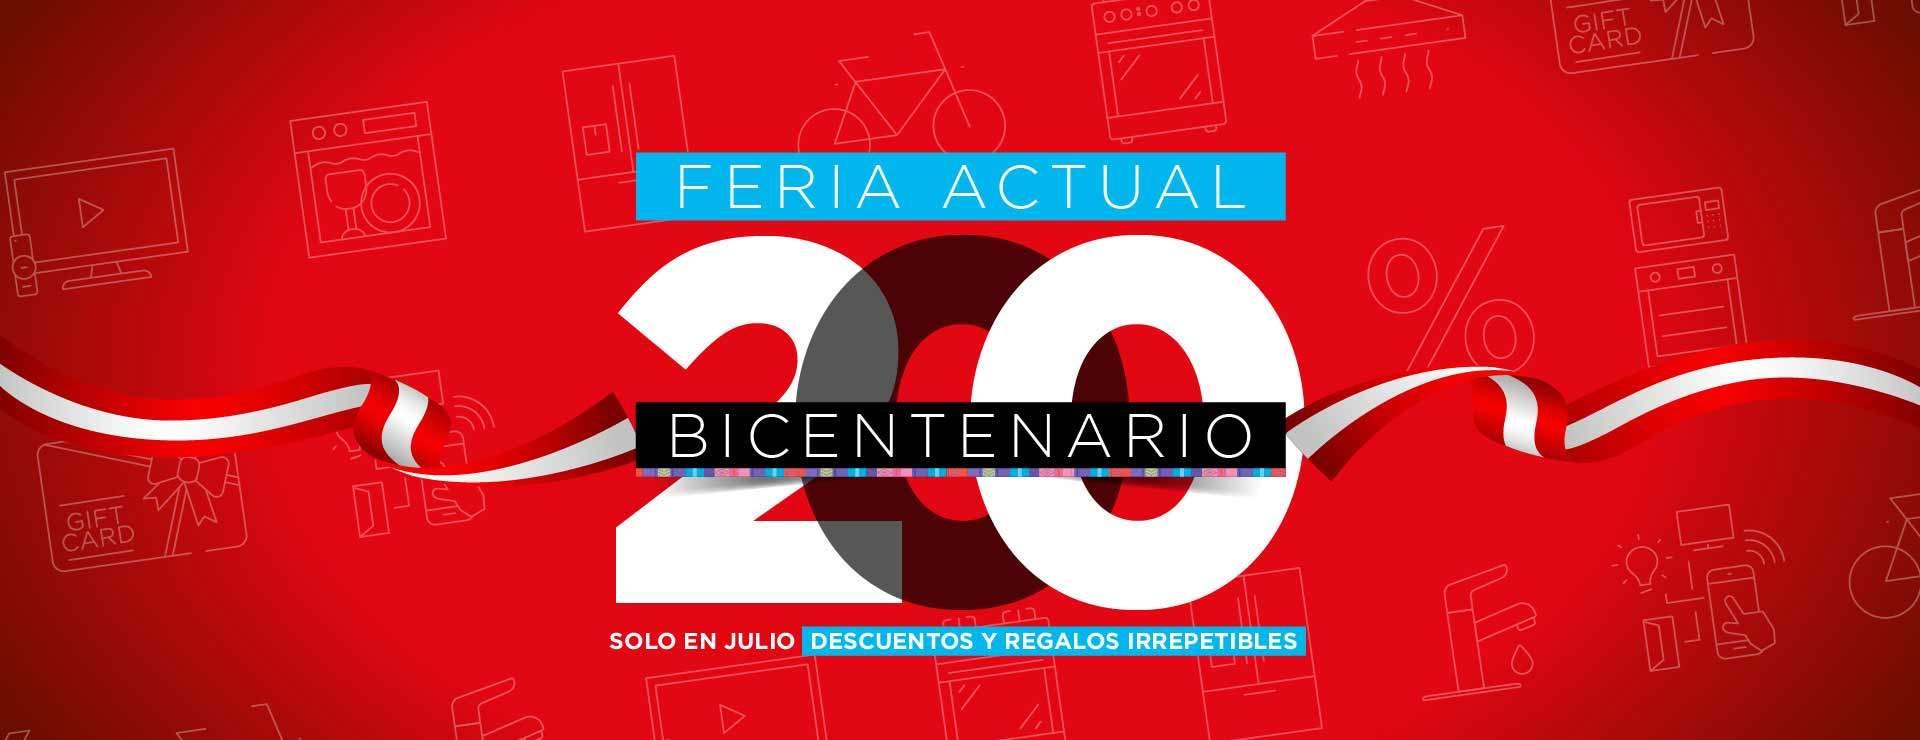 Disfruta de la Feria Bicentenario Actual